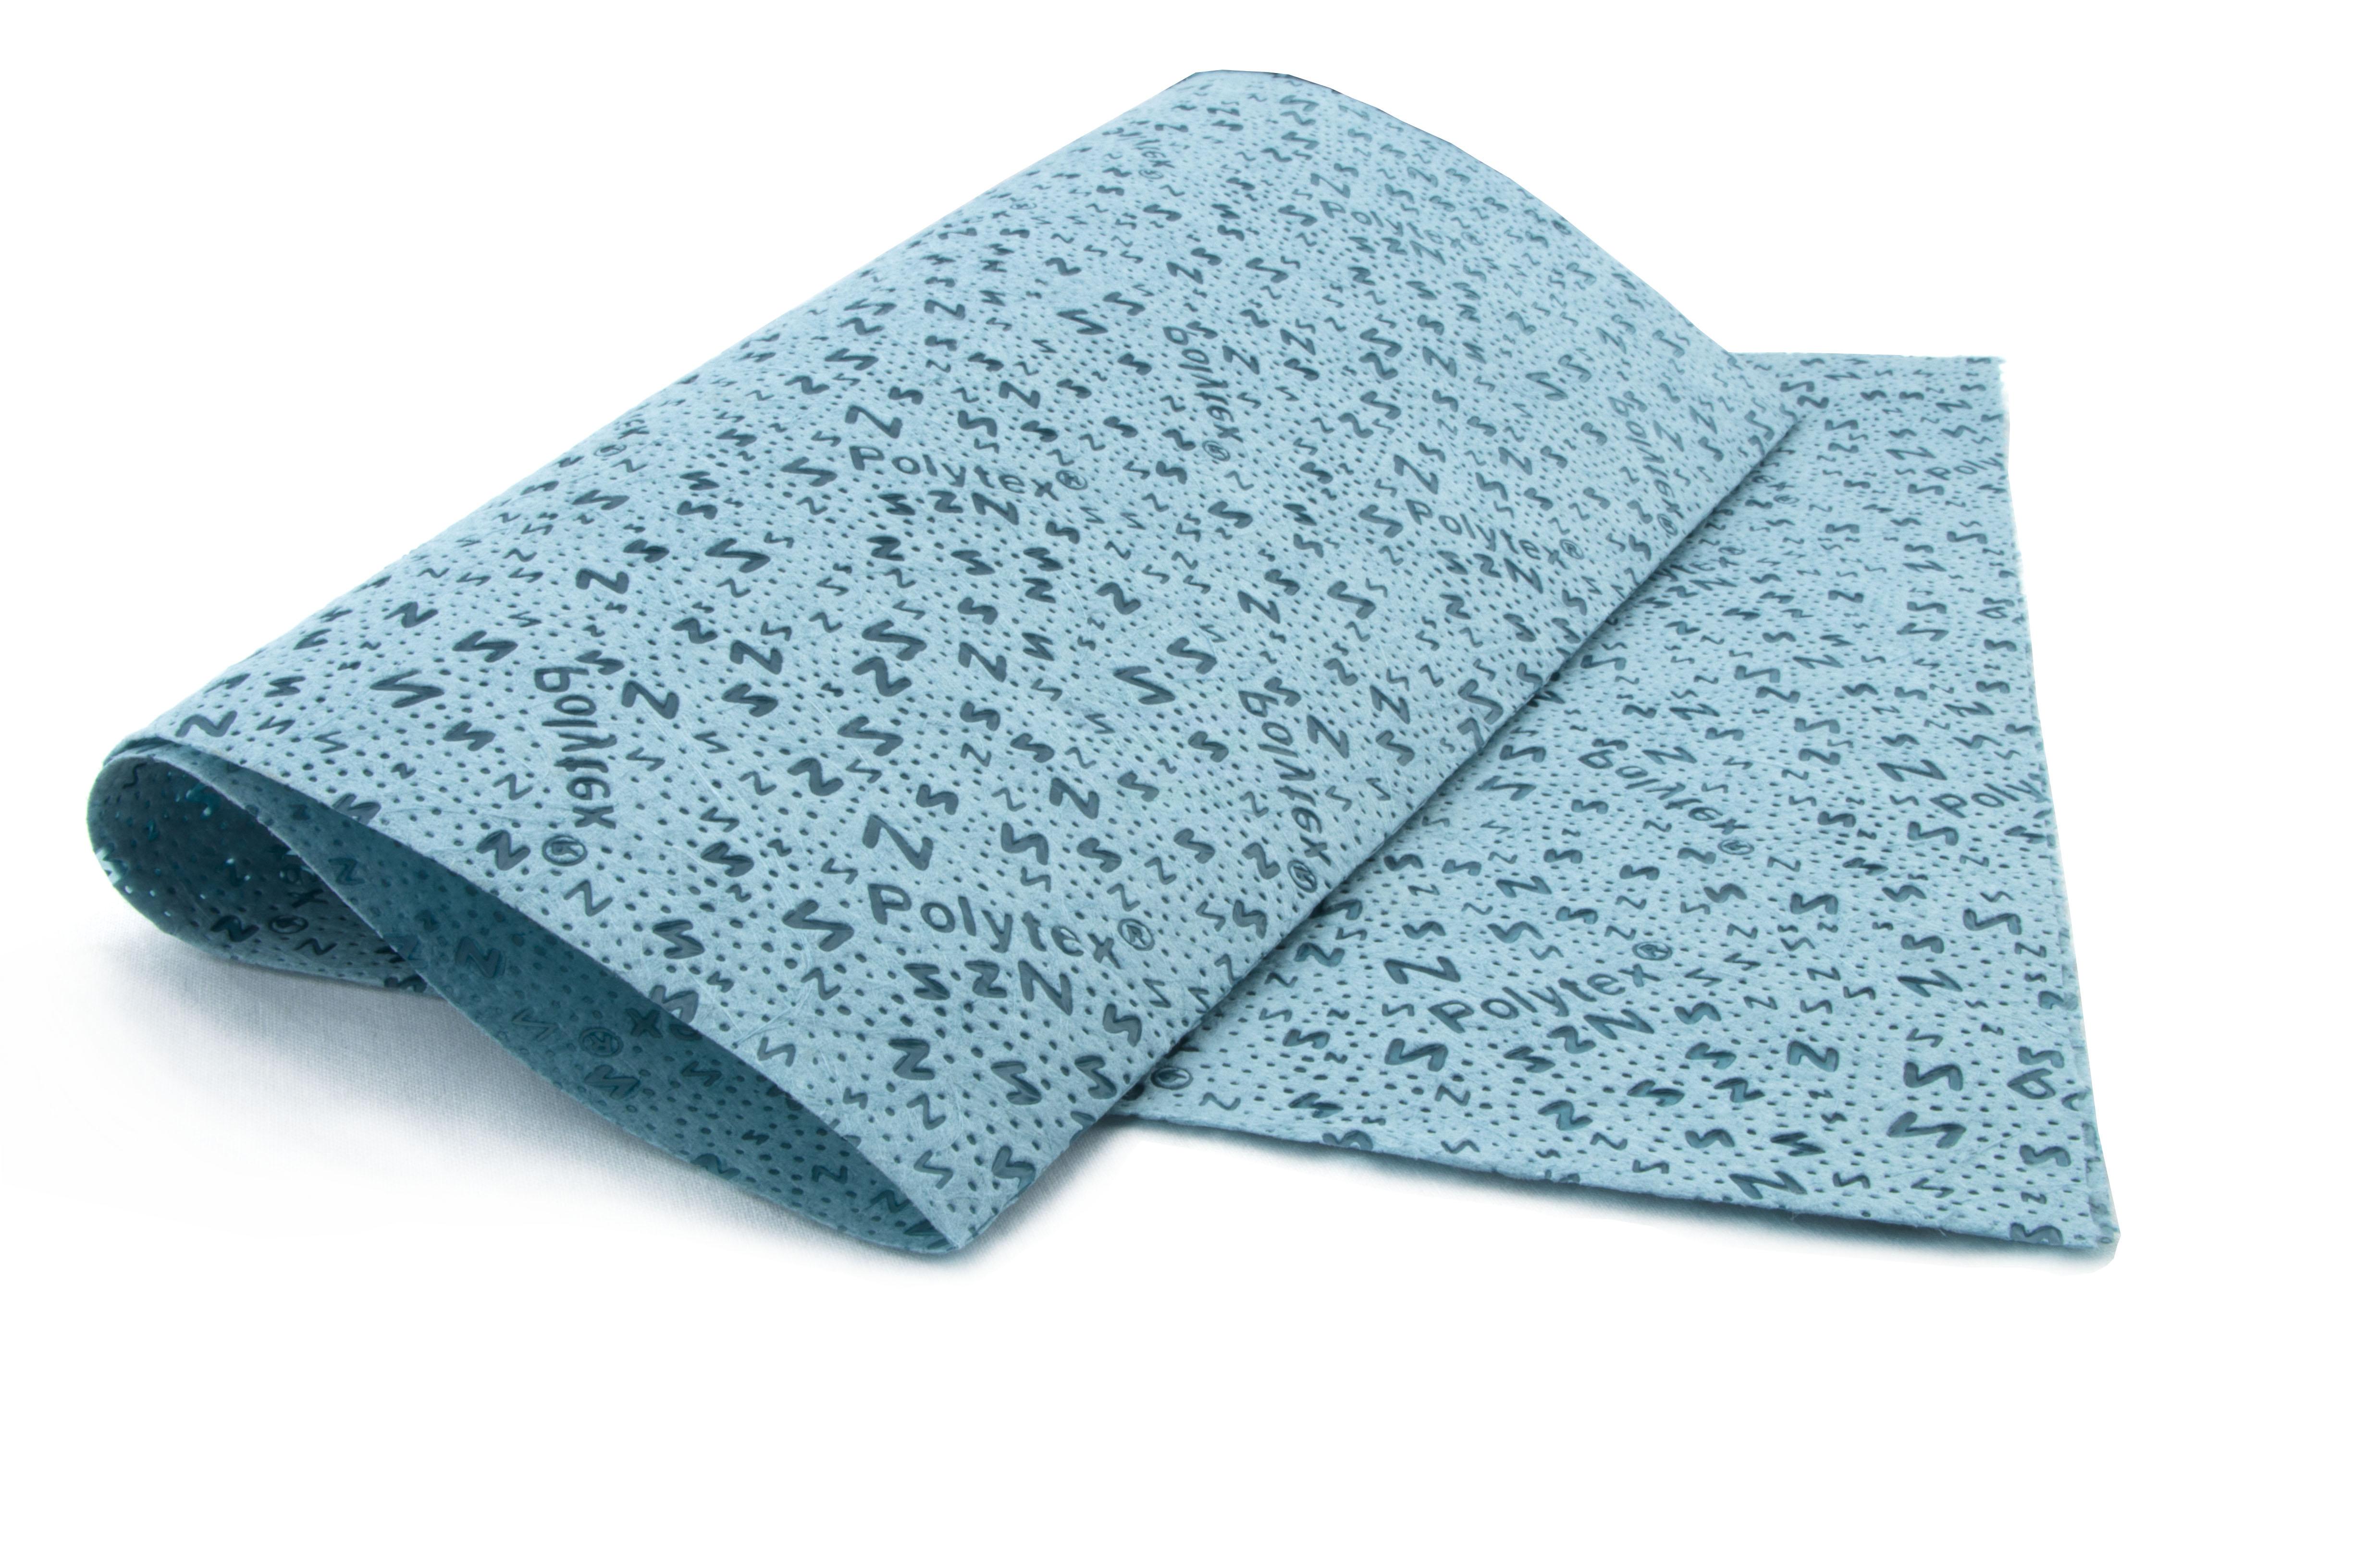 Putzpapier Polytex für Nassreinigung 42x40cm